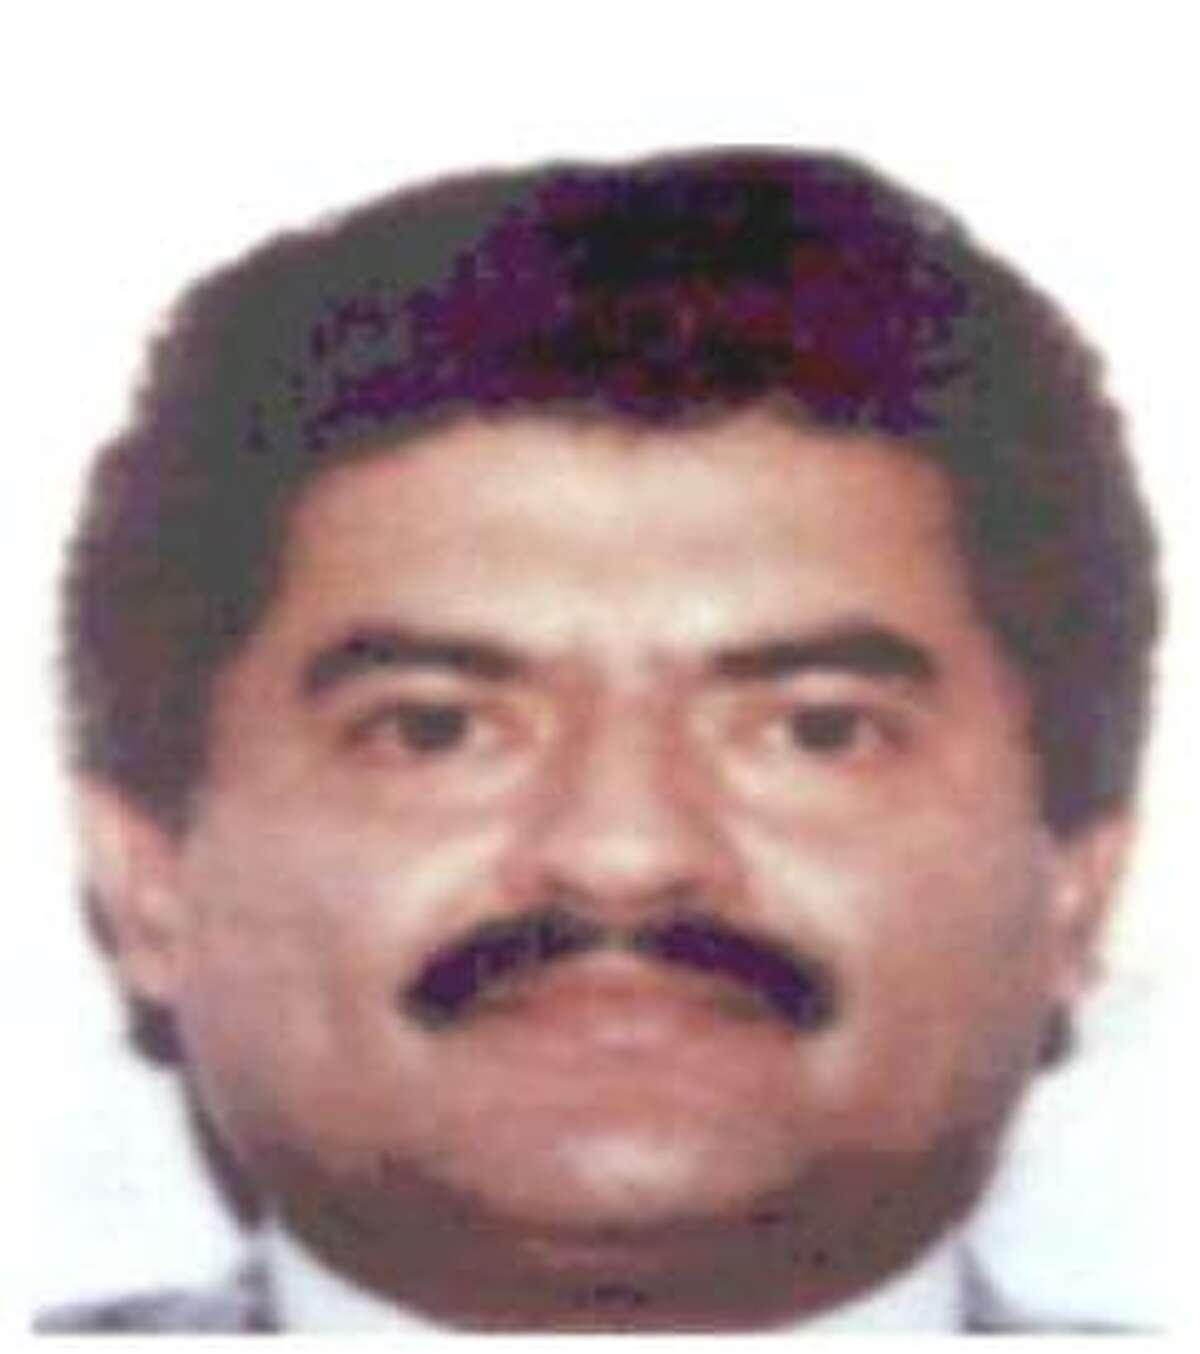 Juan Jose Esparragoza-Moreno Nicknames: El Azul Affiliations: Sinaloa Pacific Cartel